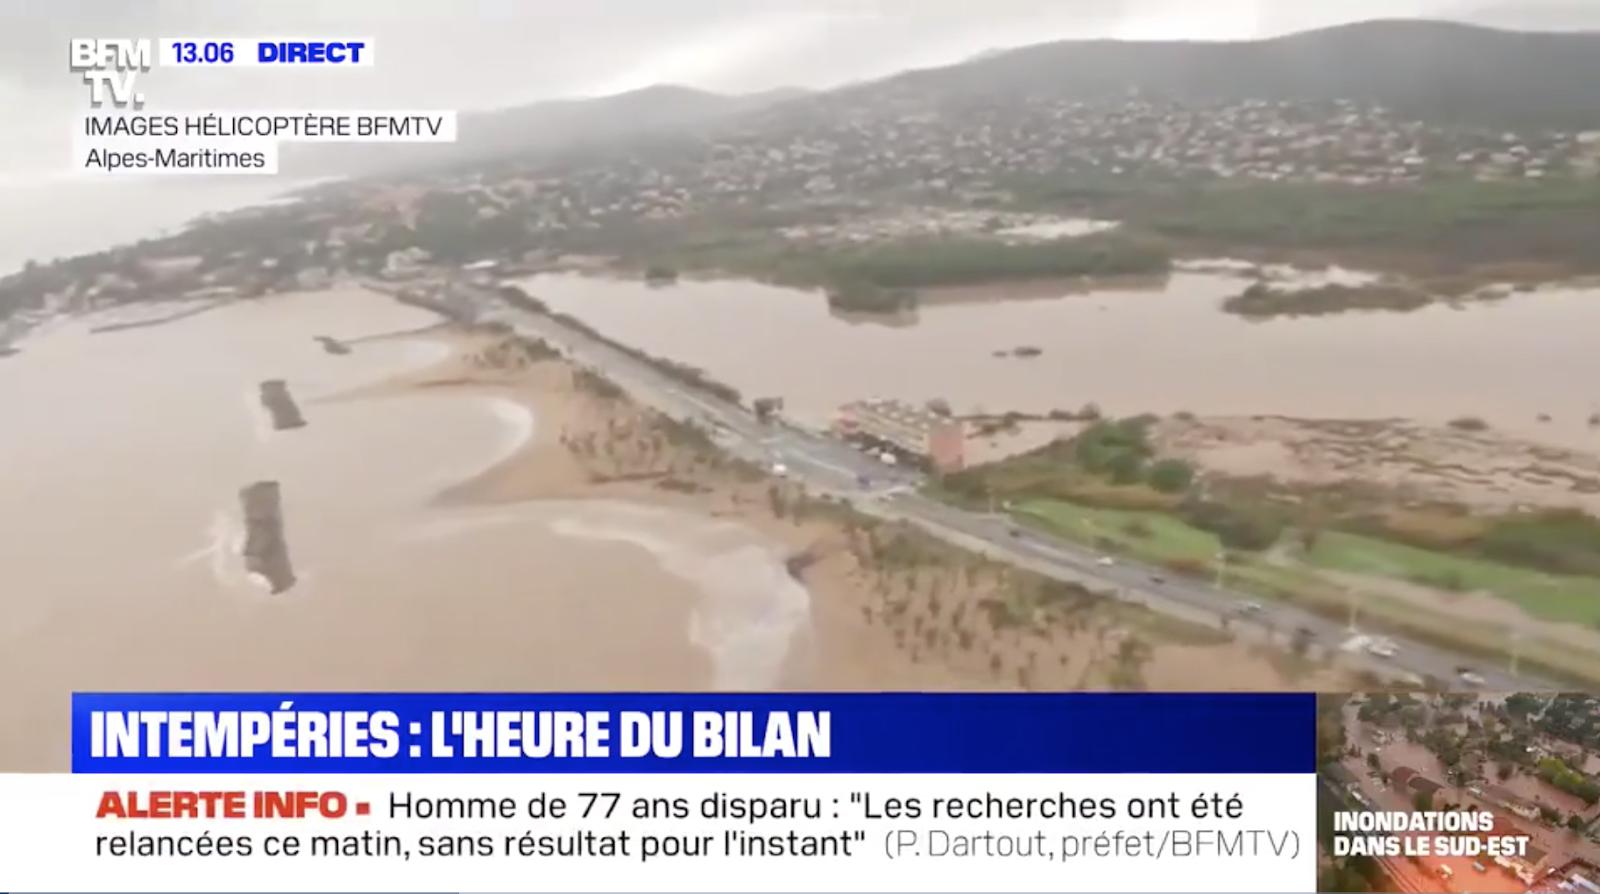 Inondations dans le Sud-Est : au moins quatre morts